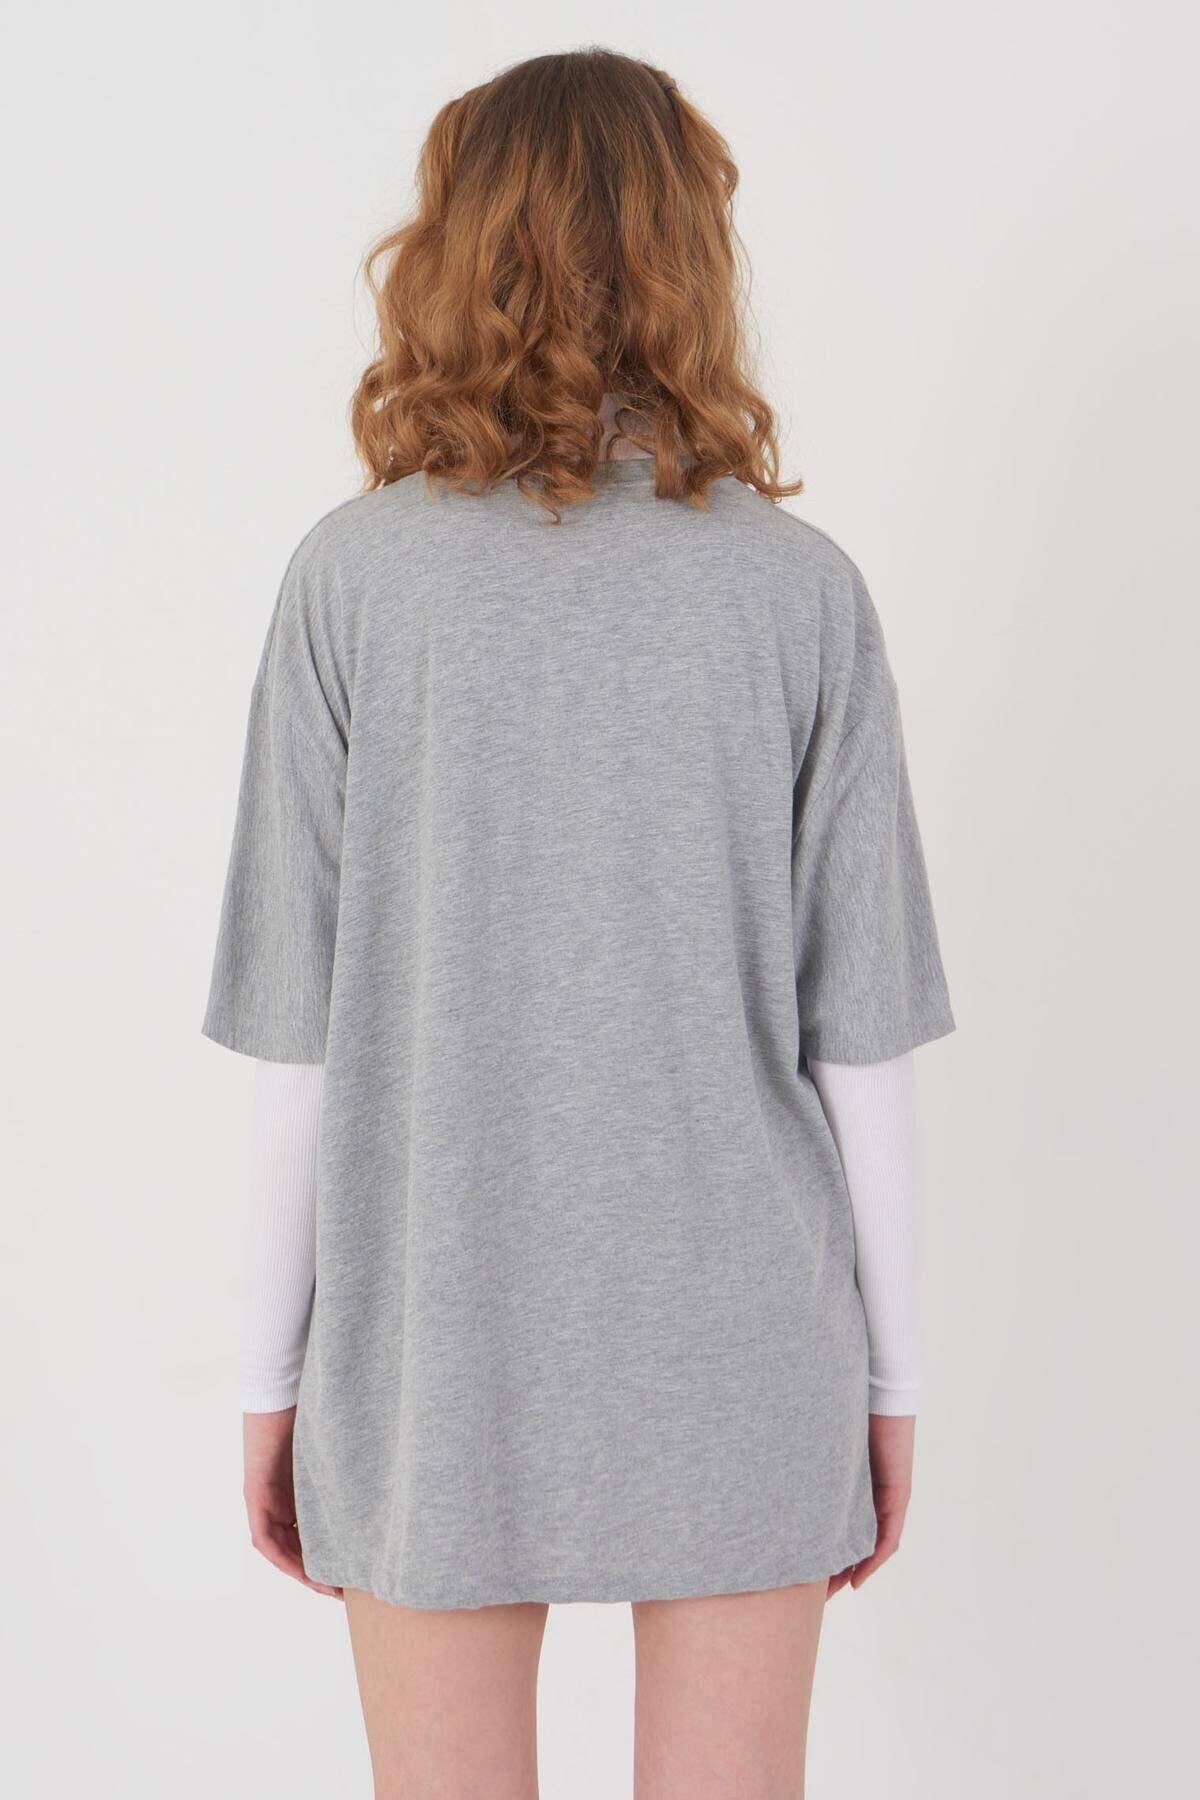 Addax Baskılı T-shirt P9549 - B10 4